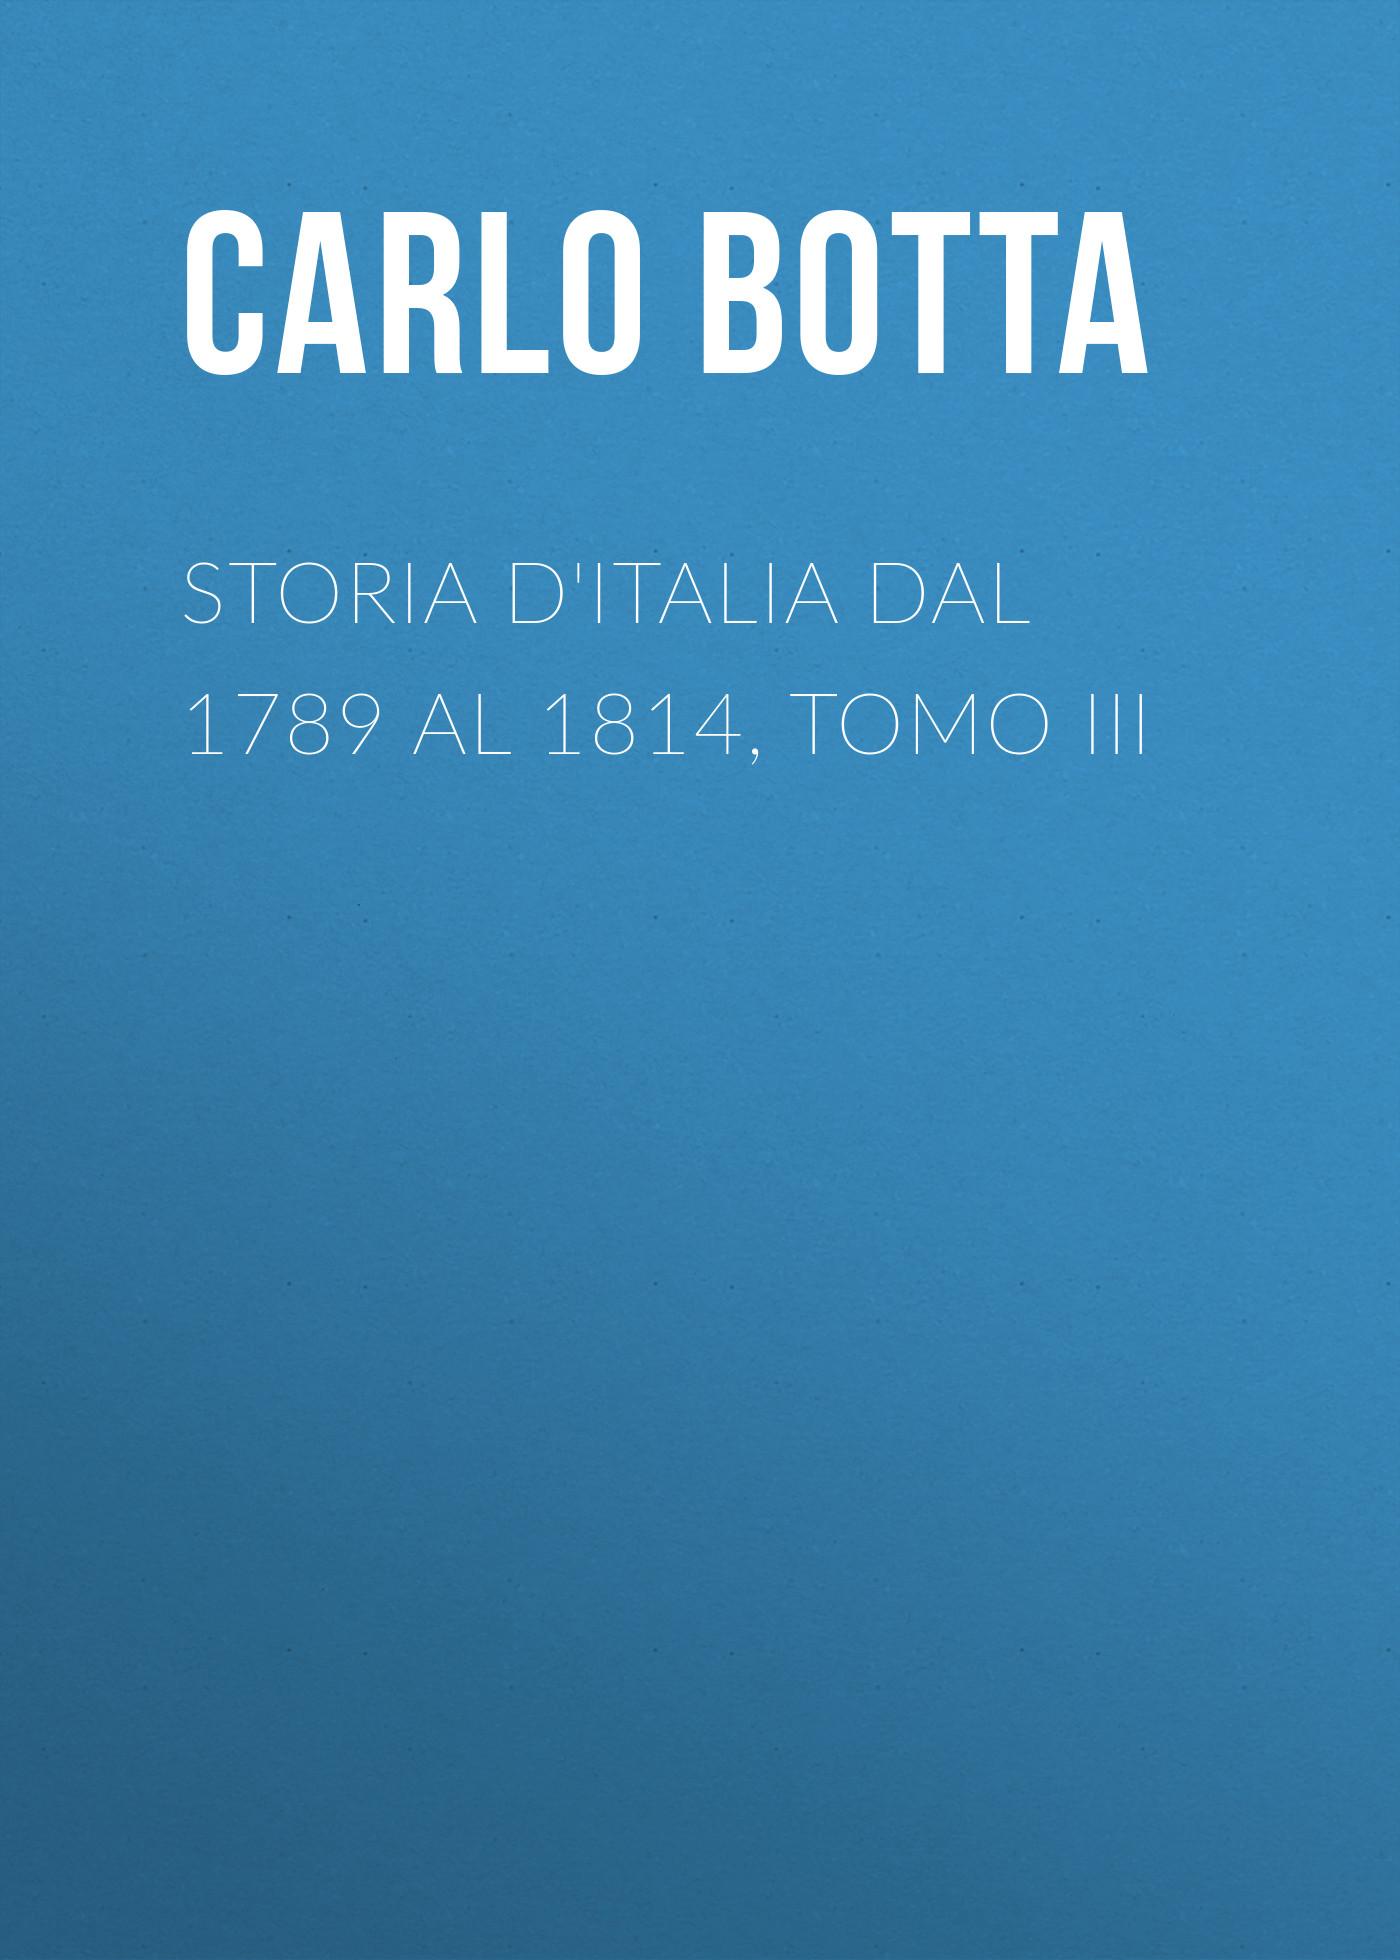 Botta Carlo Storia d'Italia dal 1789 al 1814, tomo III charles botta histoire d italie de 1789 a 1814 t 3